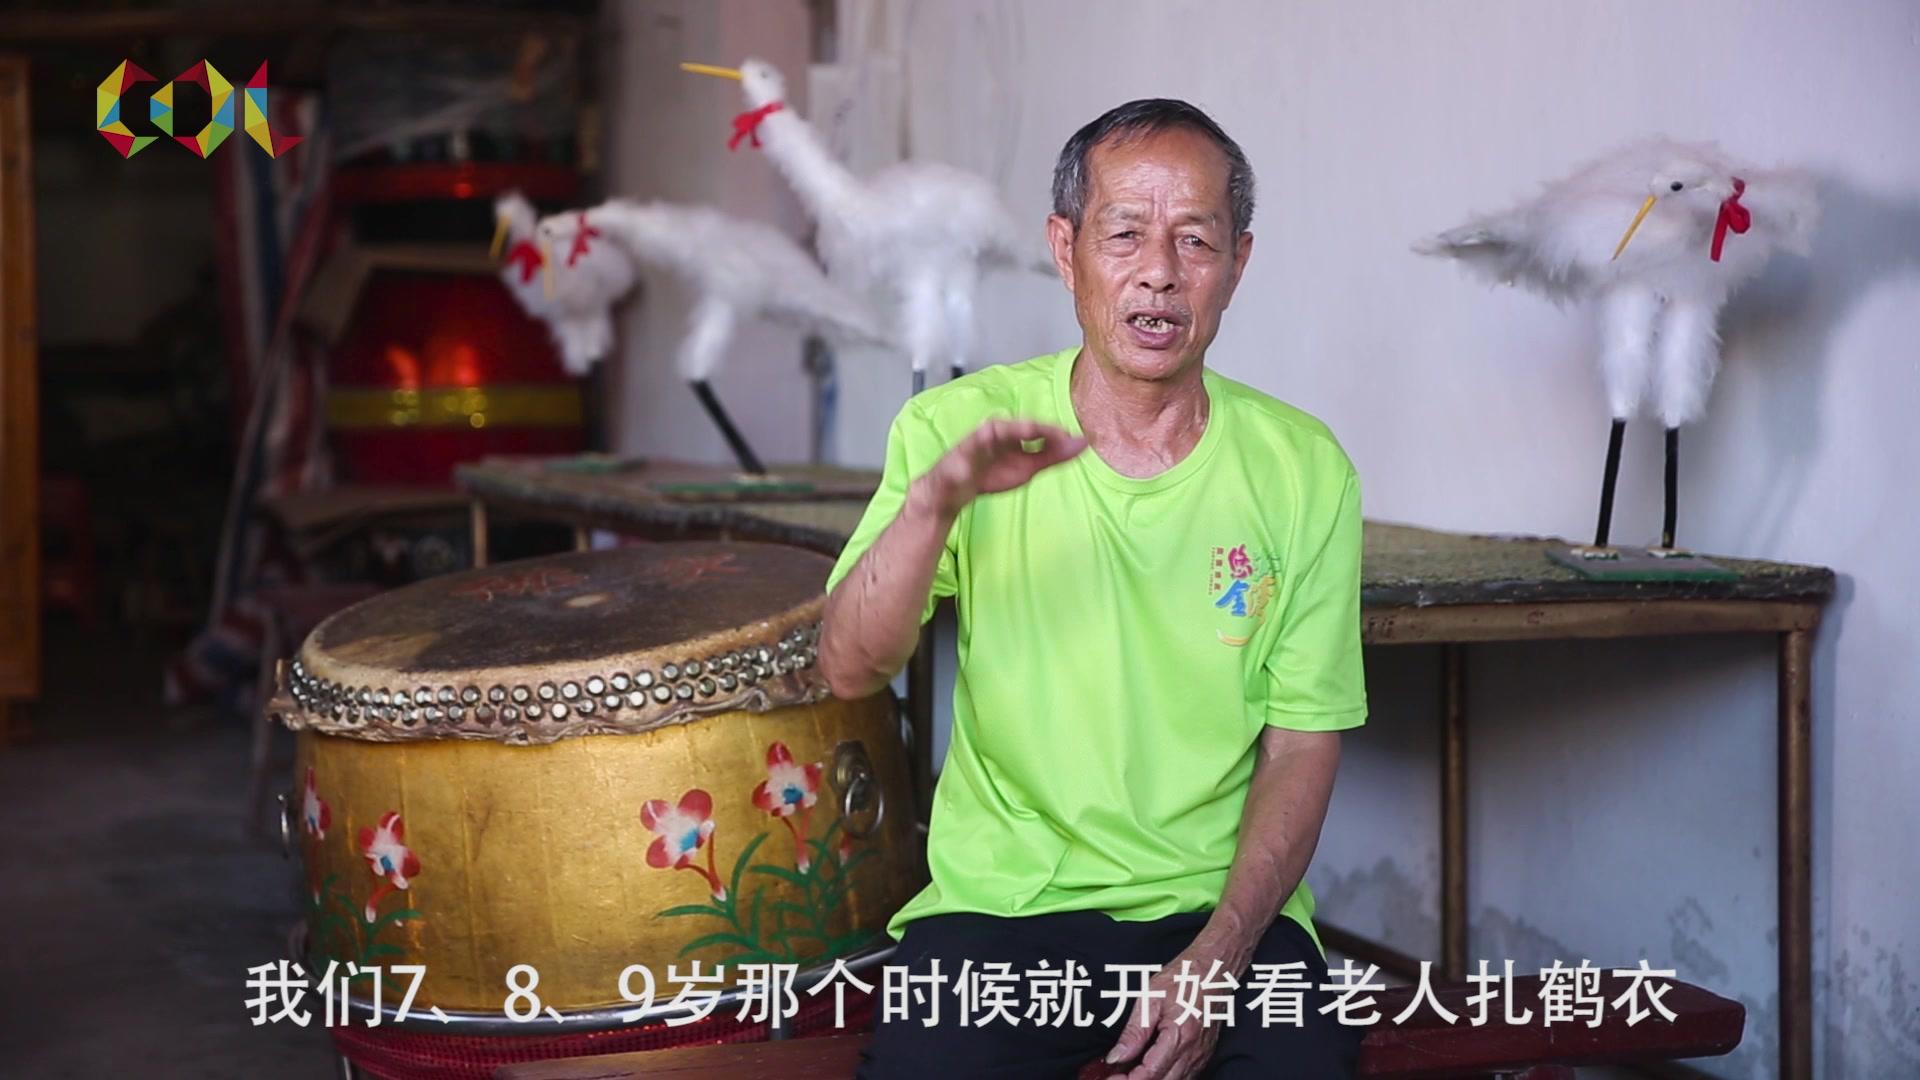 《珠海村庄人文民俗纪录片》先导片之三灶鹤衣制作技艺手艺人陈灿槐